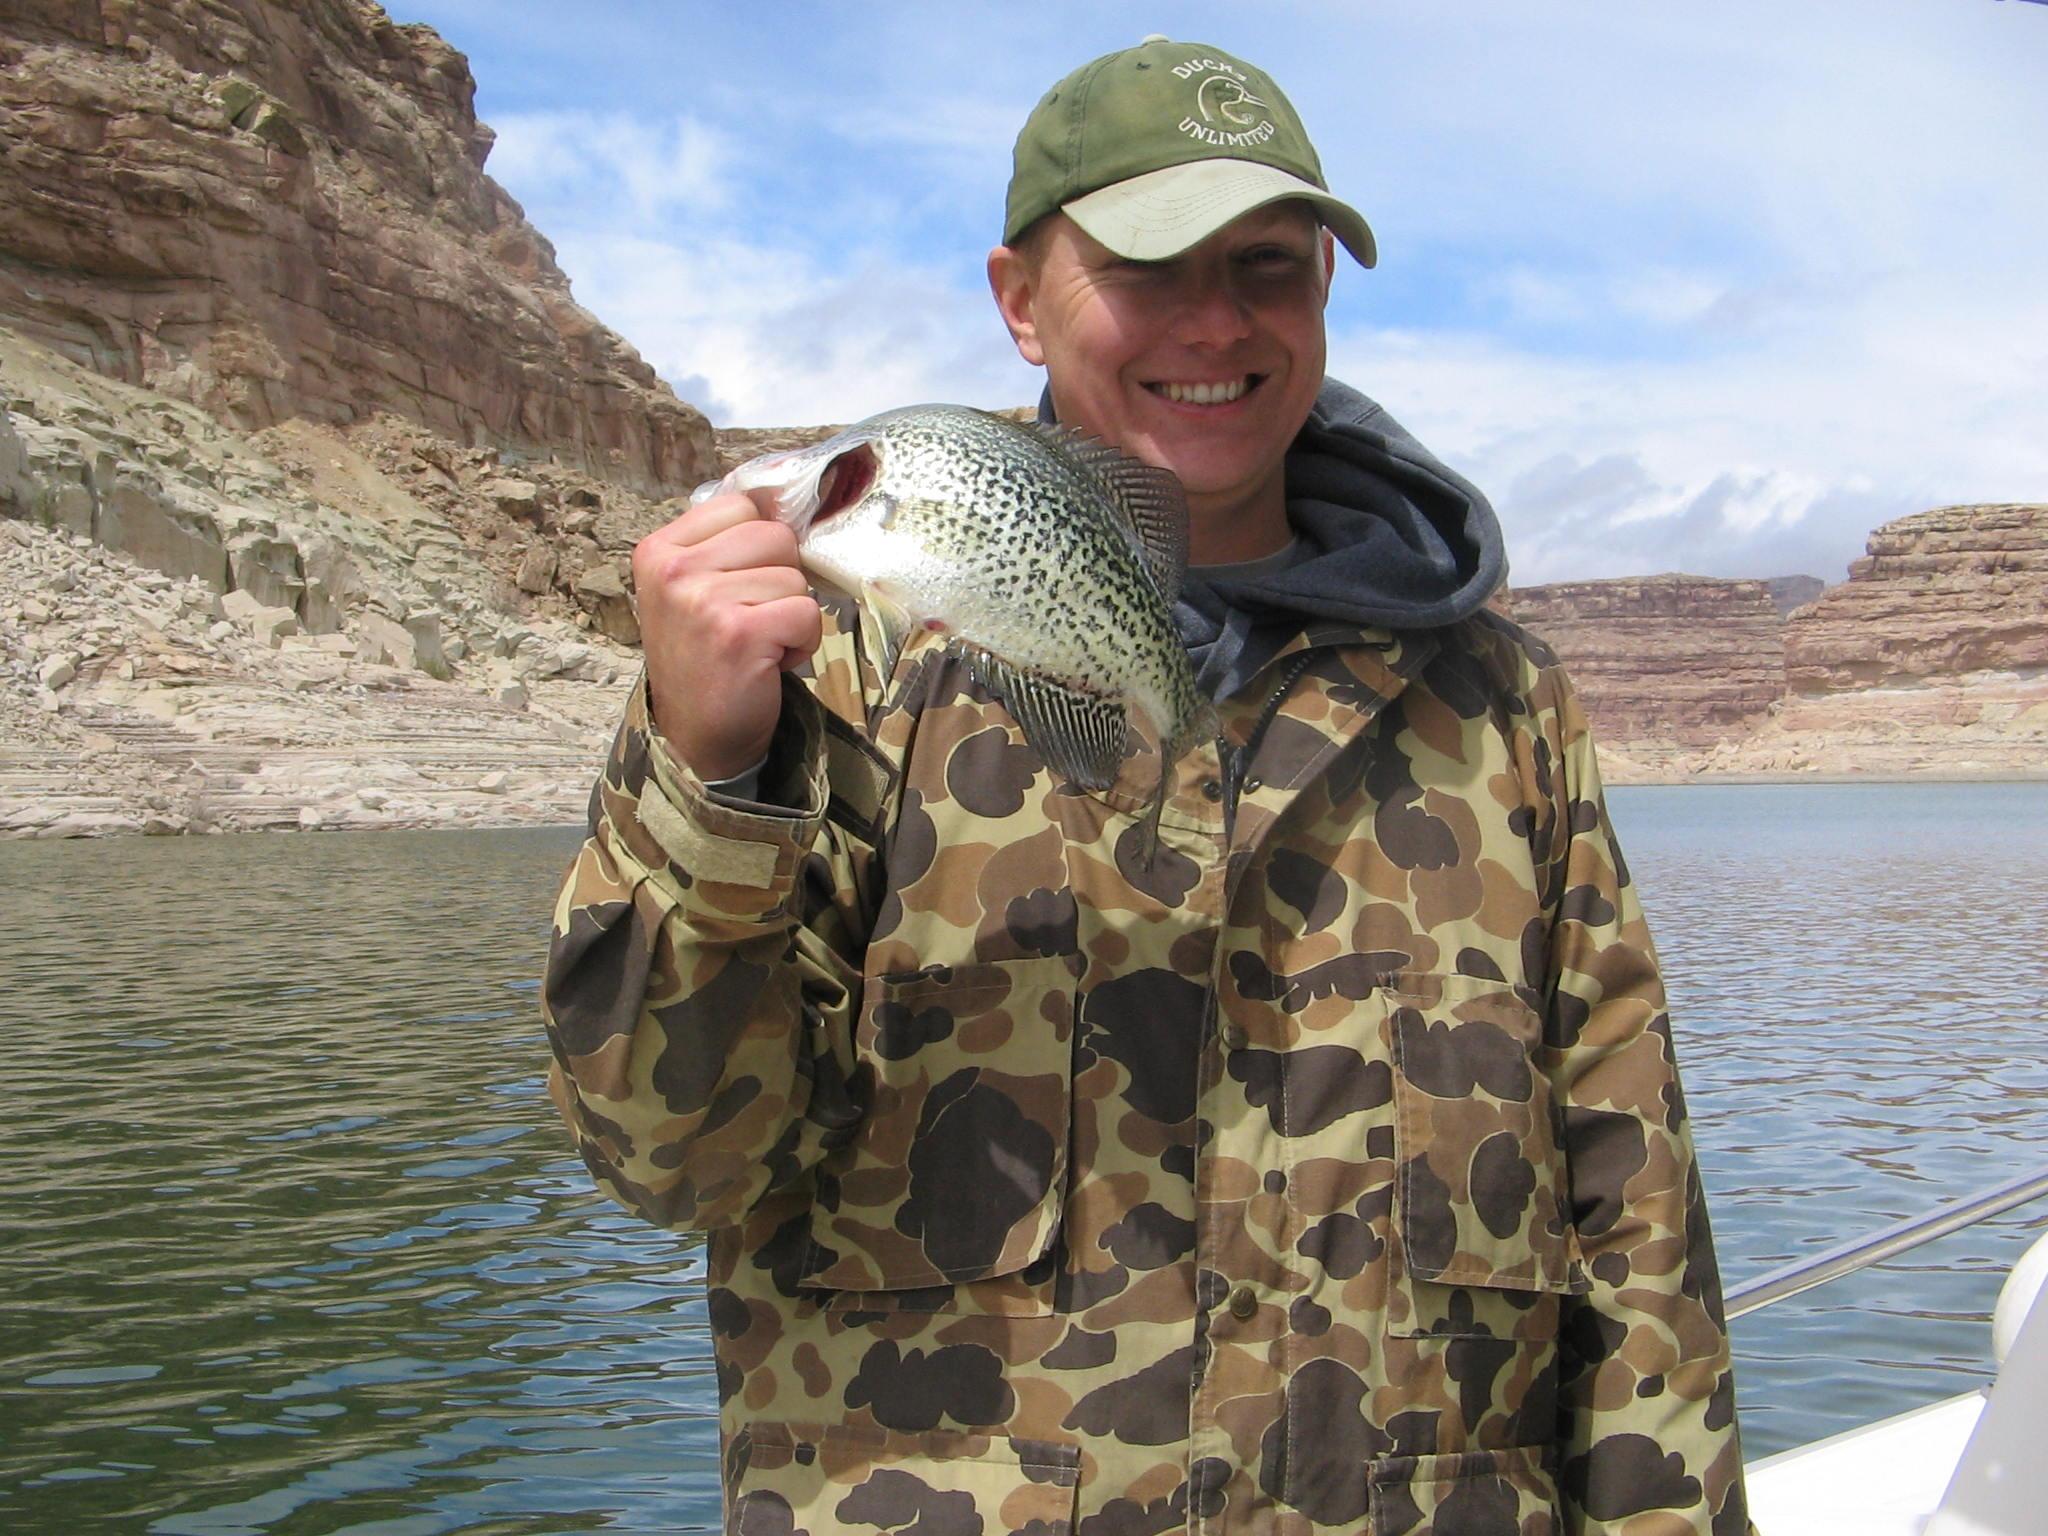 Lake powell fishing 4 15 12 ambassador guides at lake powell for Lake powell fishing